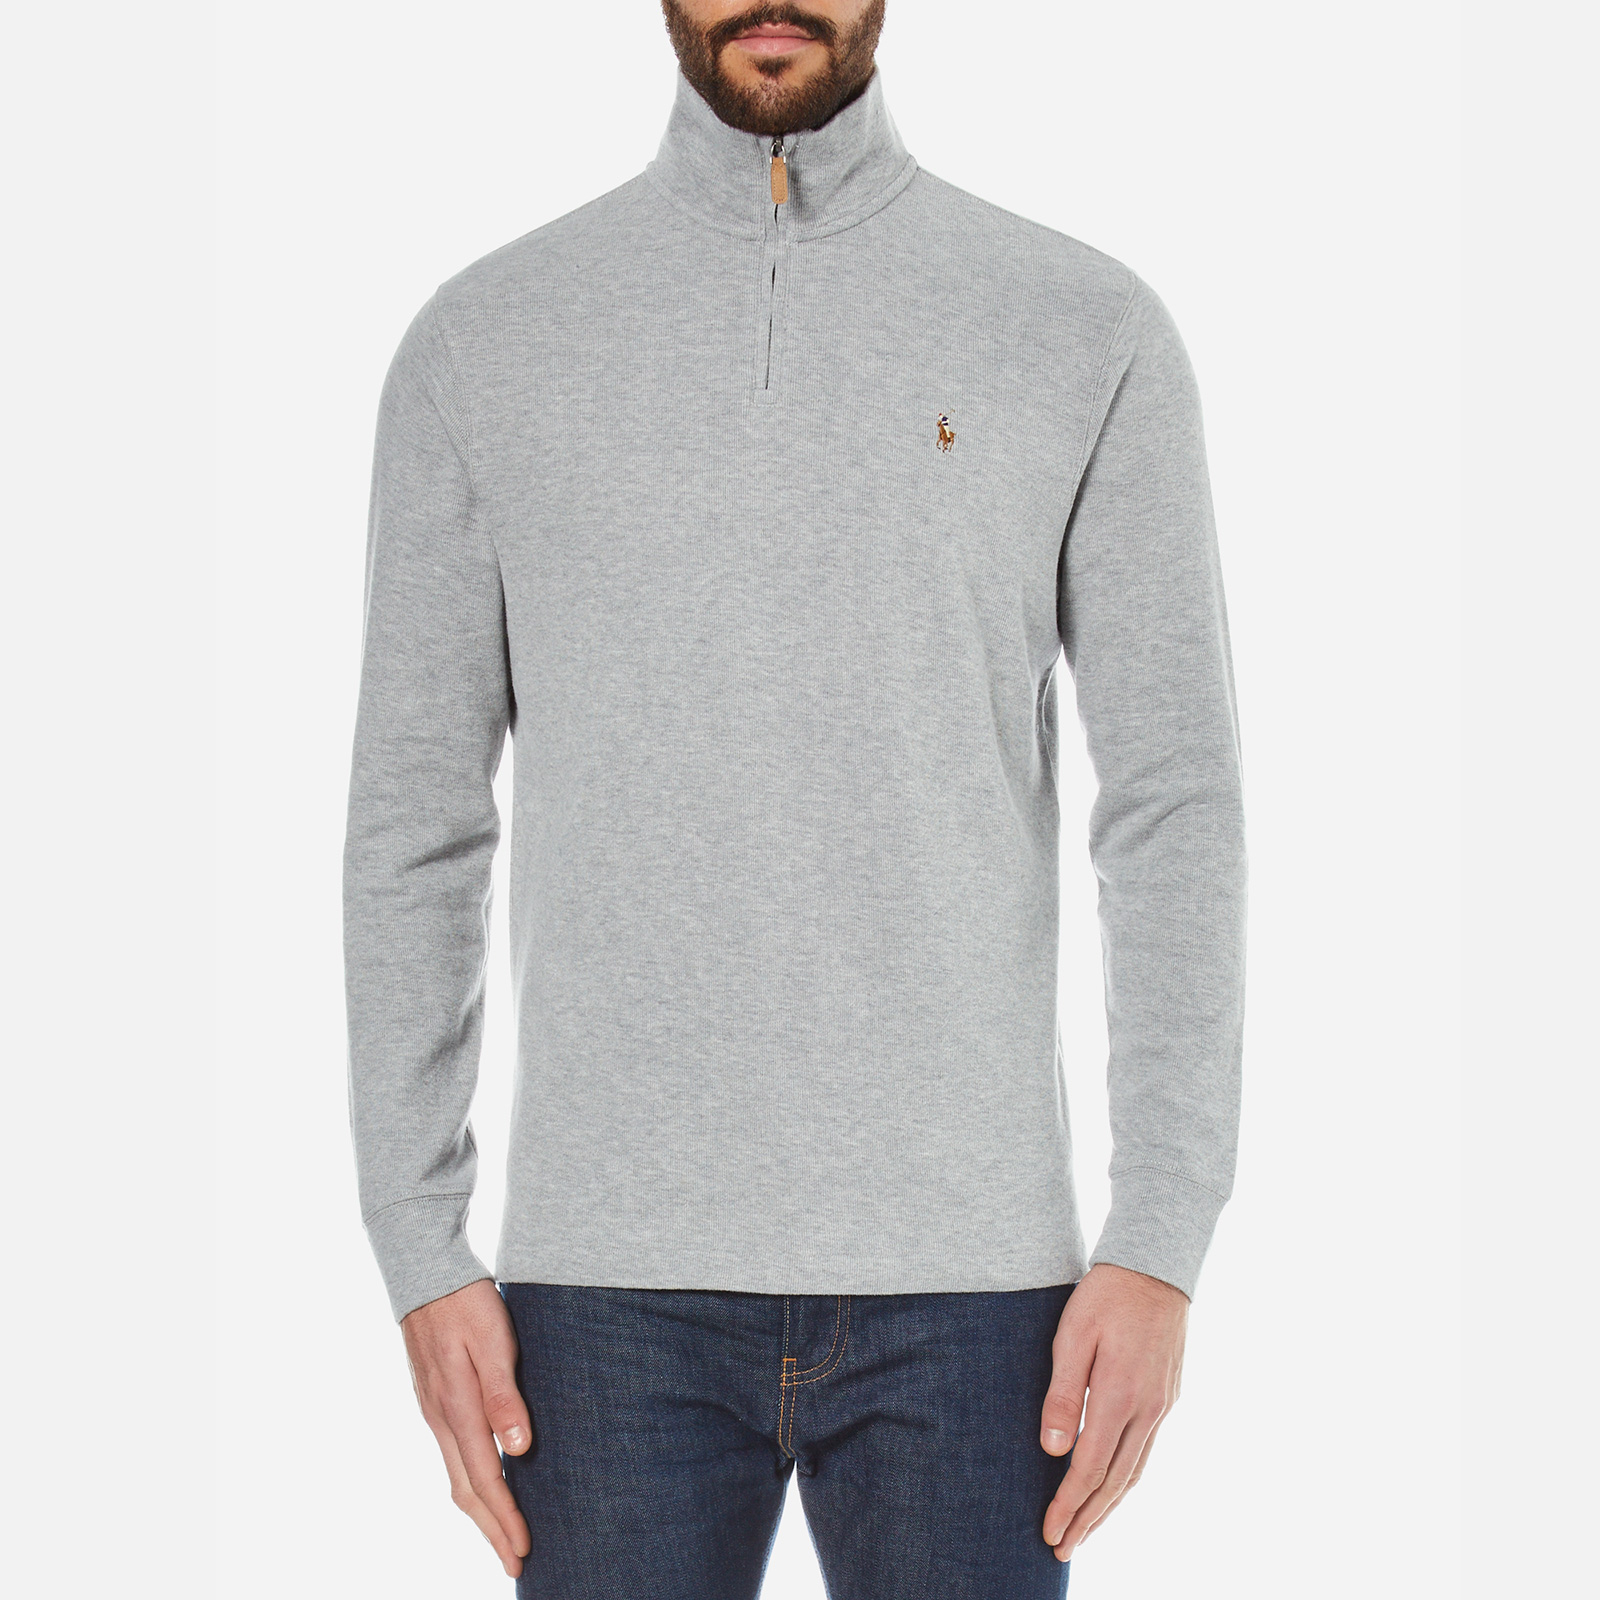 175ed79b Polo Ralph Lauren Men's Quarter Zip Sweatshirt - Andover Heather Grey -  Free UK Delivery over £50